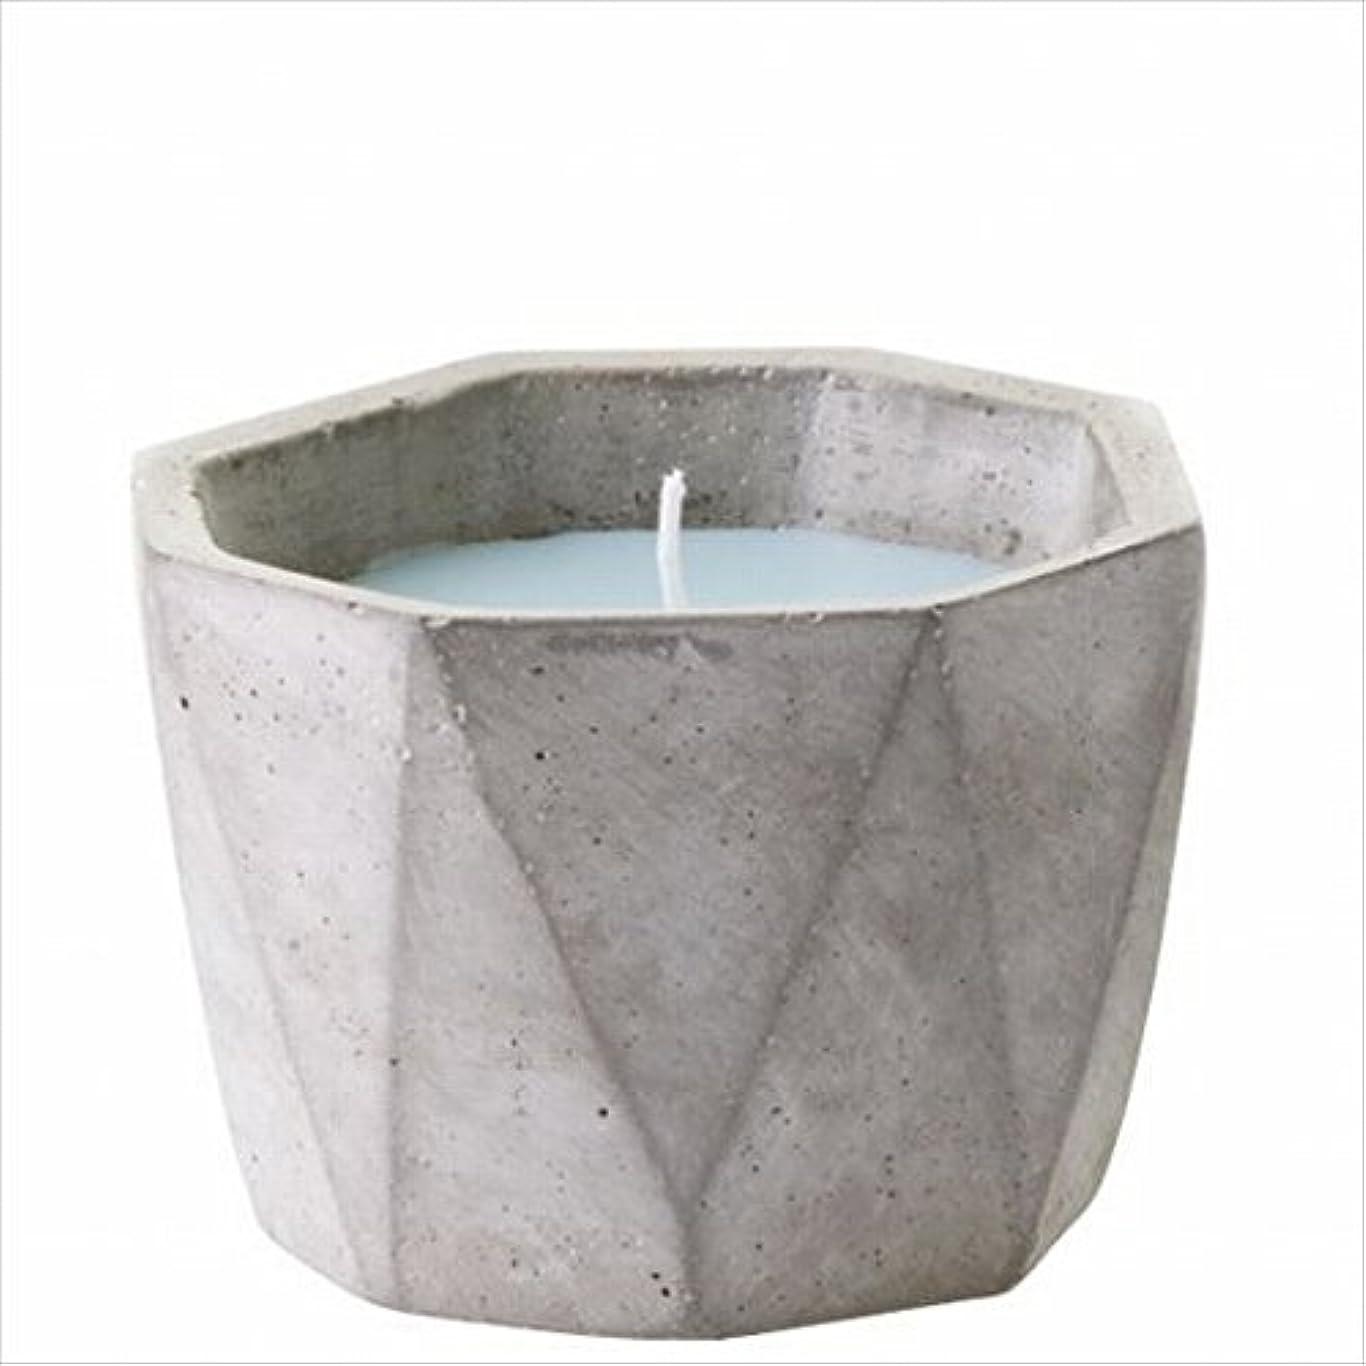 コンテスト南極地区カメヤマキャンドル(kameyama candle) POiNT A LA LiGNE セメントポットセンティッドキャンドル 「 モックオレンジミント 」